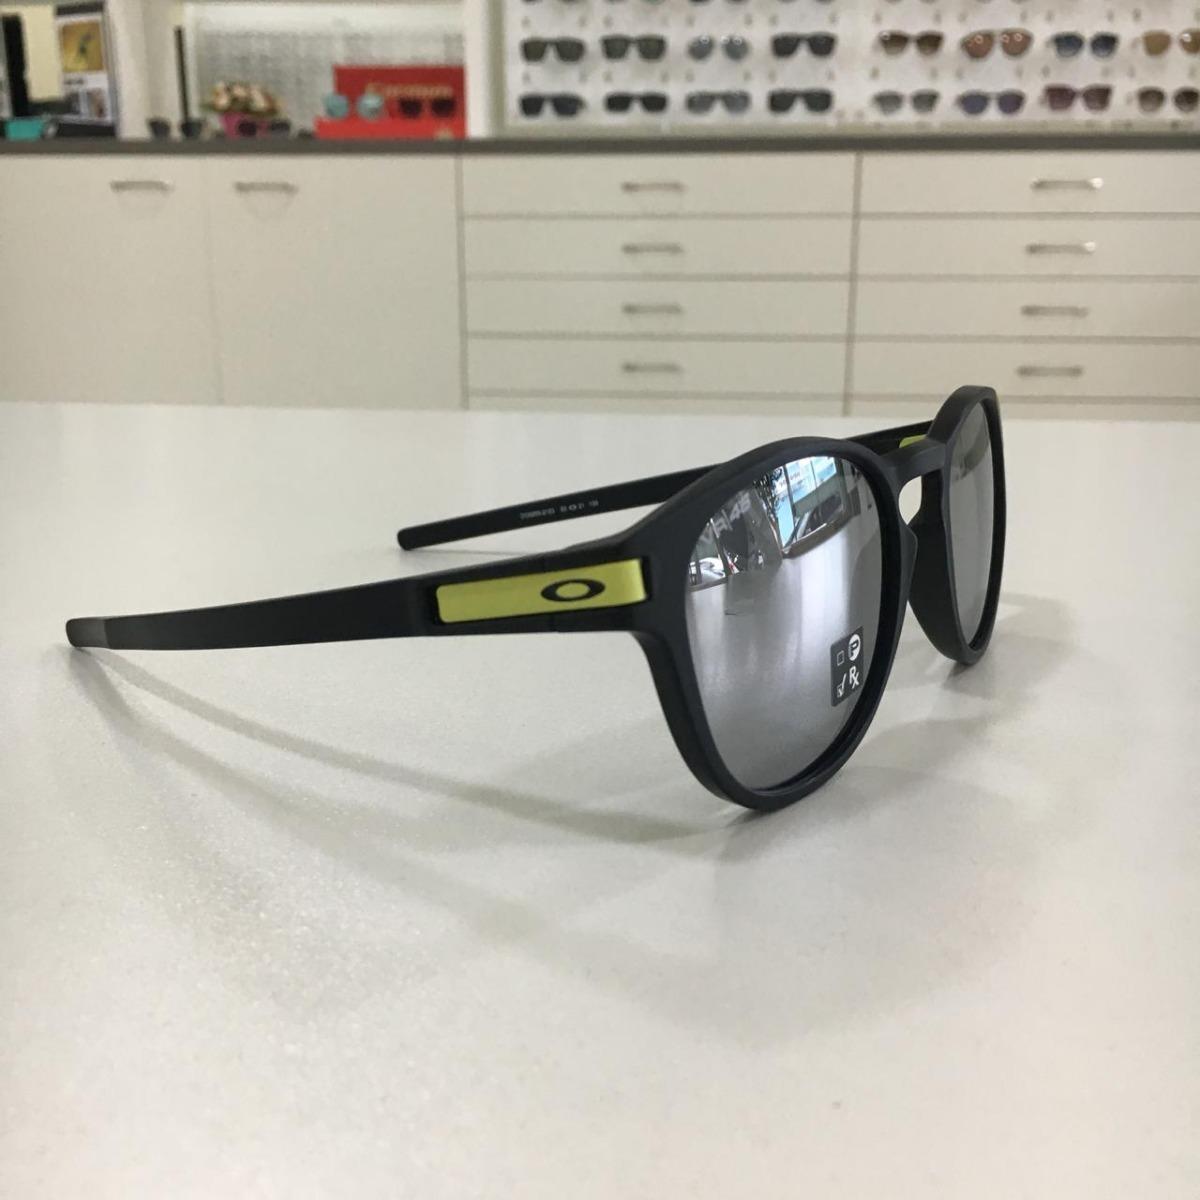 d066aa6ecc600 Carregando zoom... óculos de sol oakley latch oo9265 valentino rossi -  original